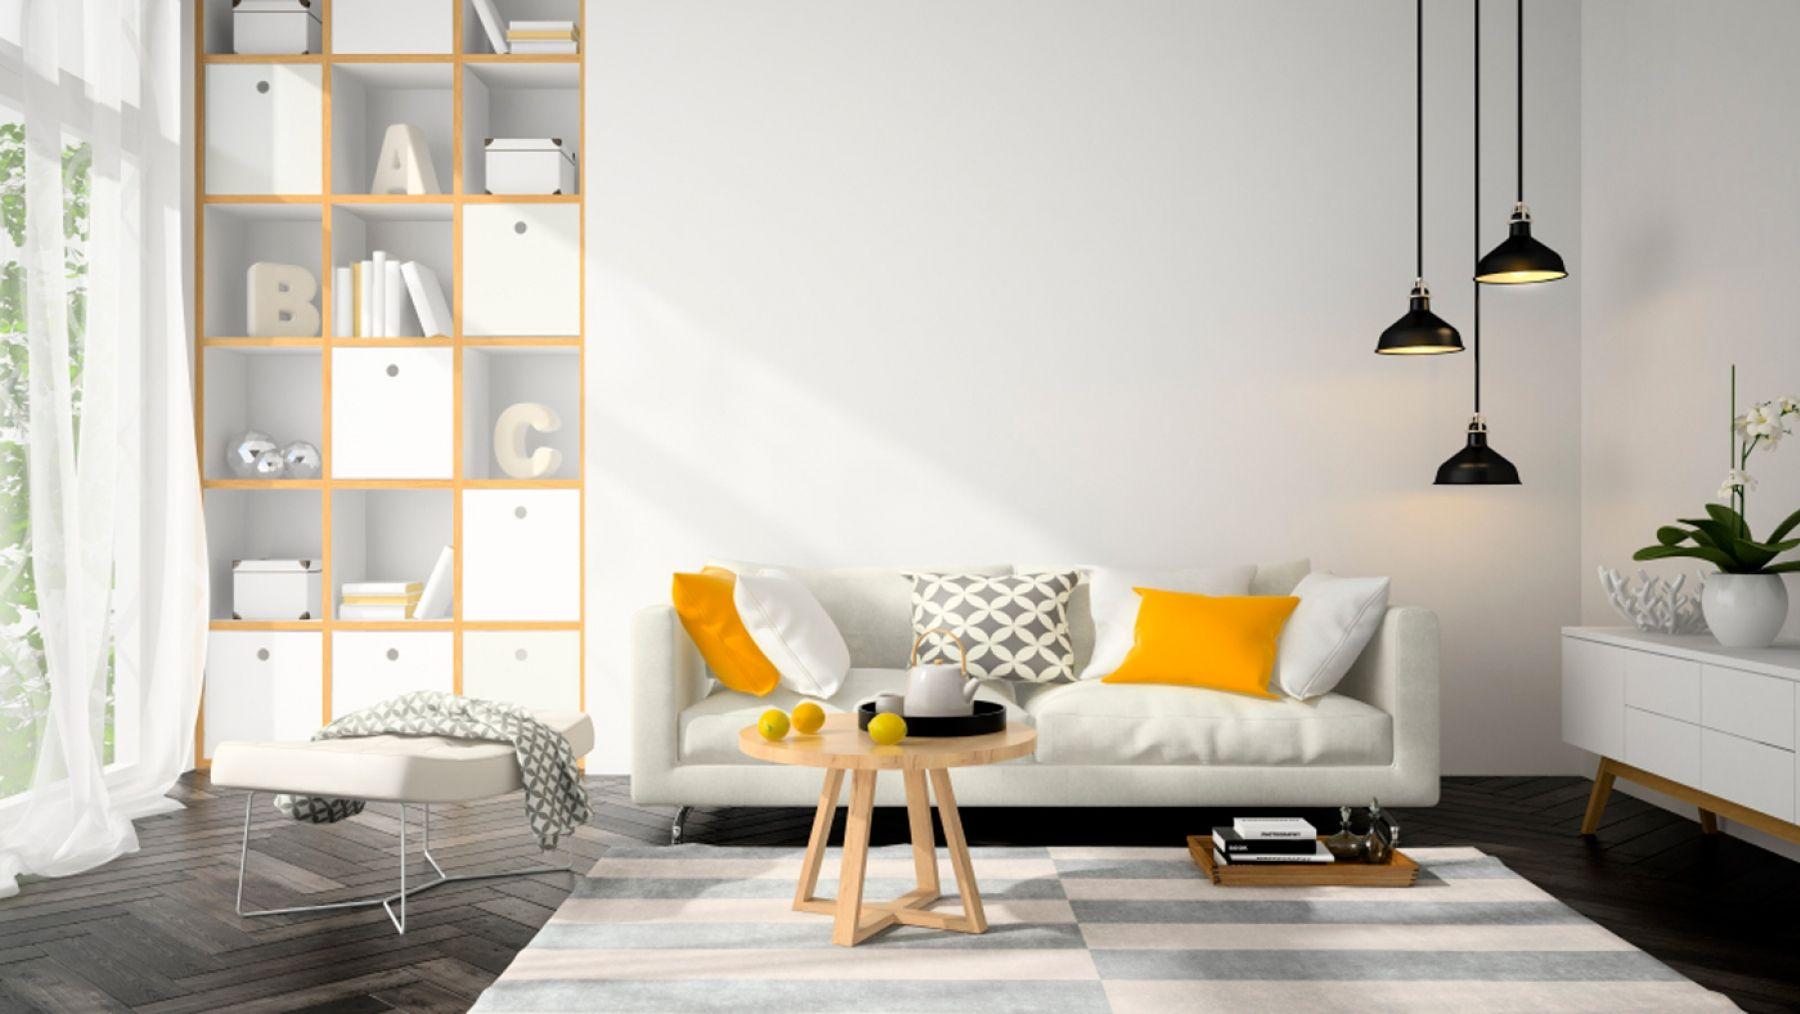 Alquiler de apartamentos por días en Baqueira